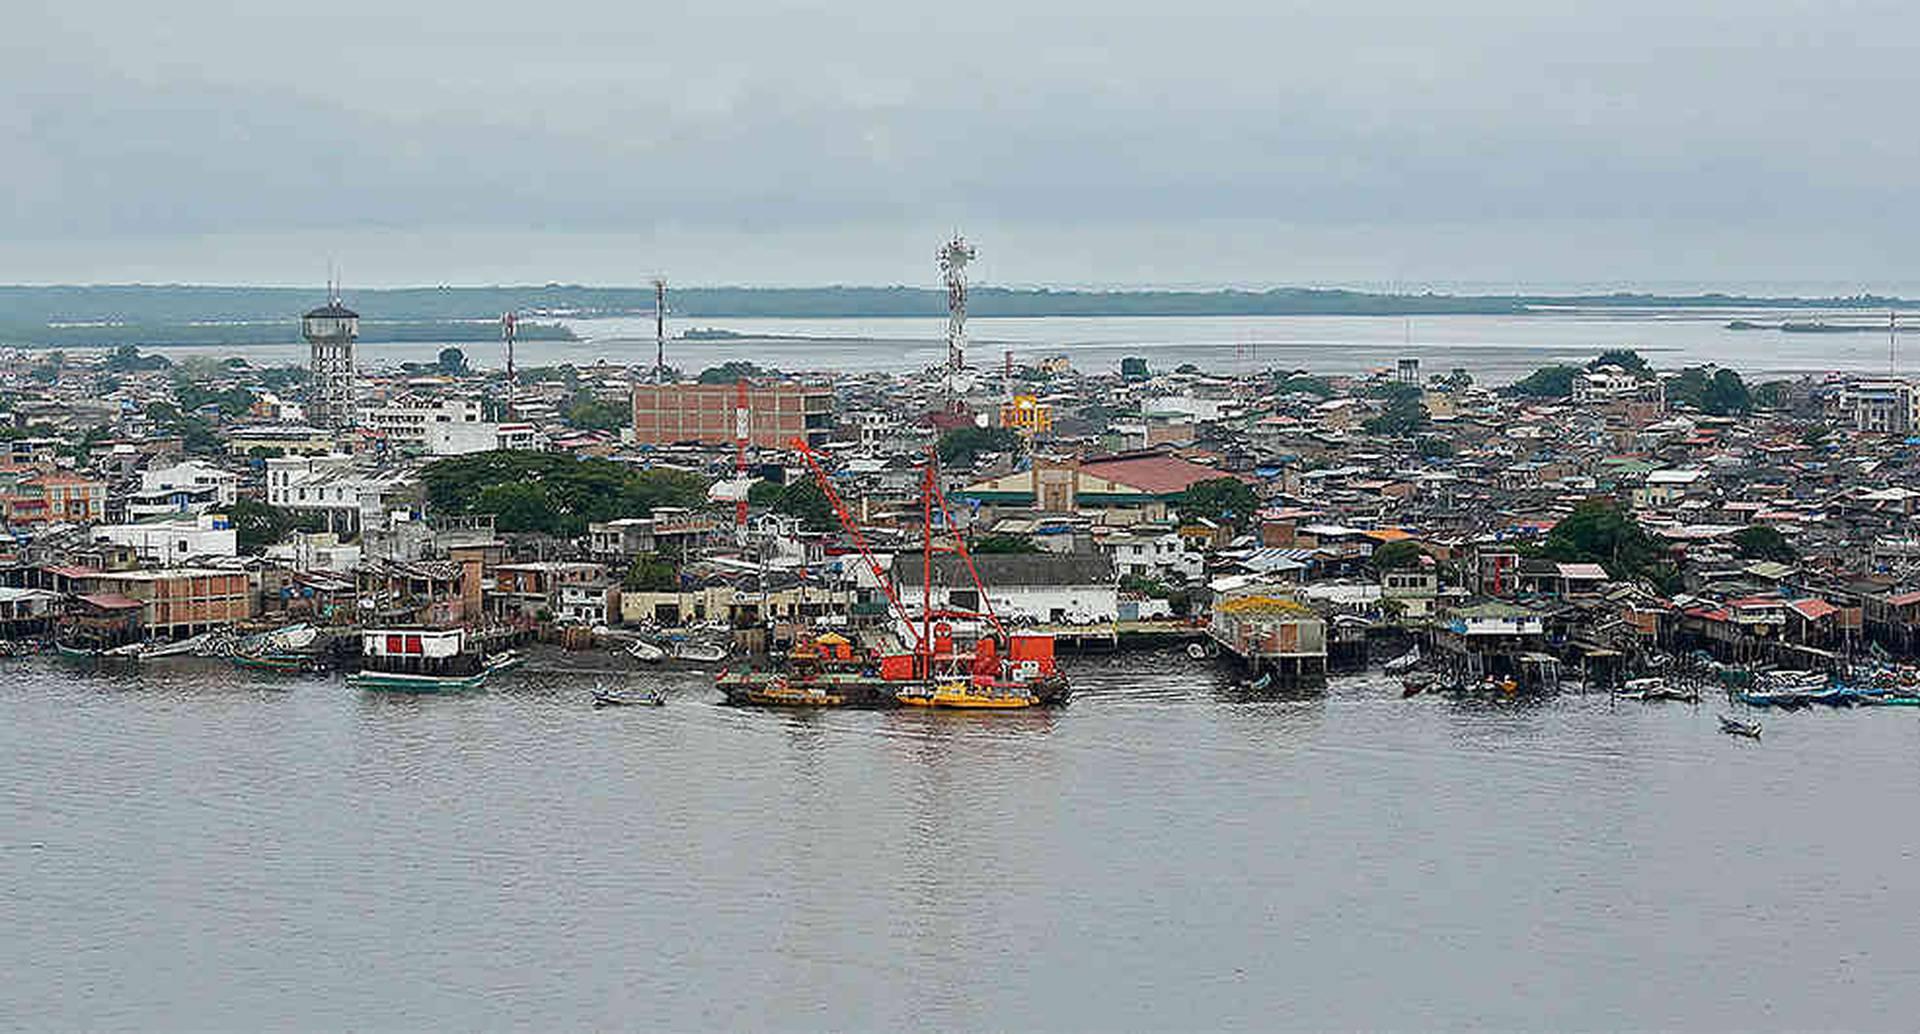 Masacre en Tumaco, habla gobernador y confirma las víctimas de la masacre